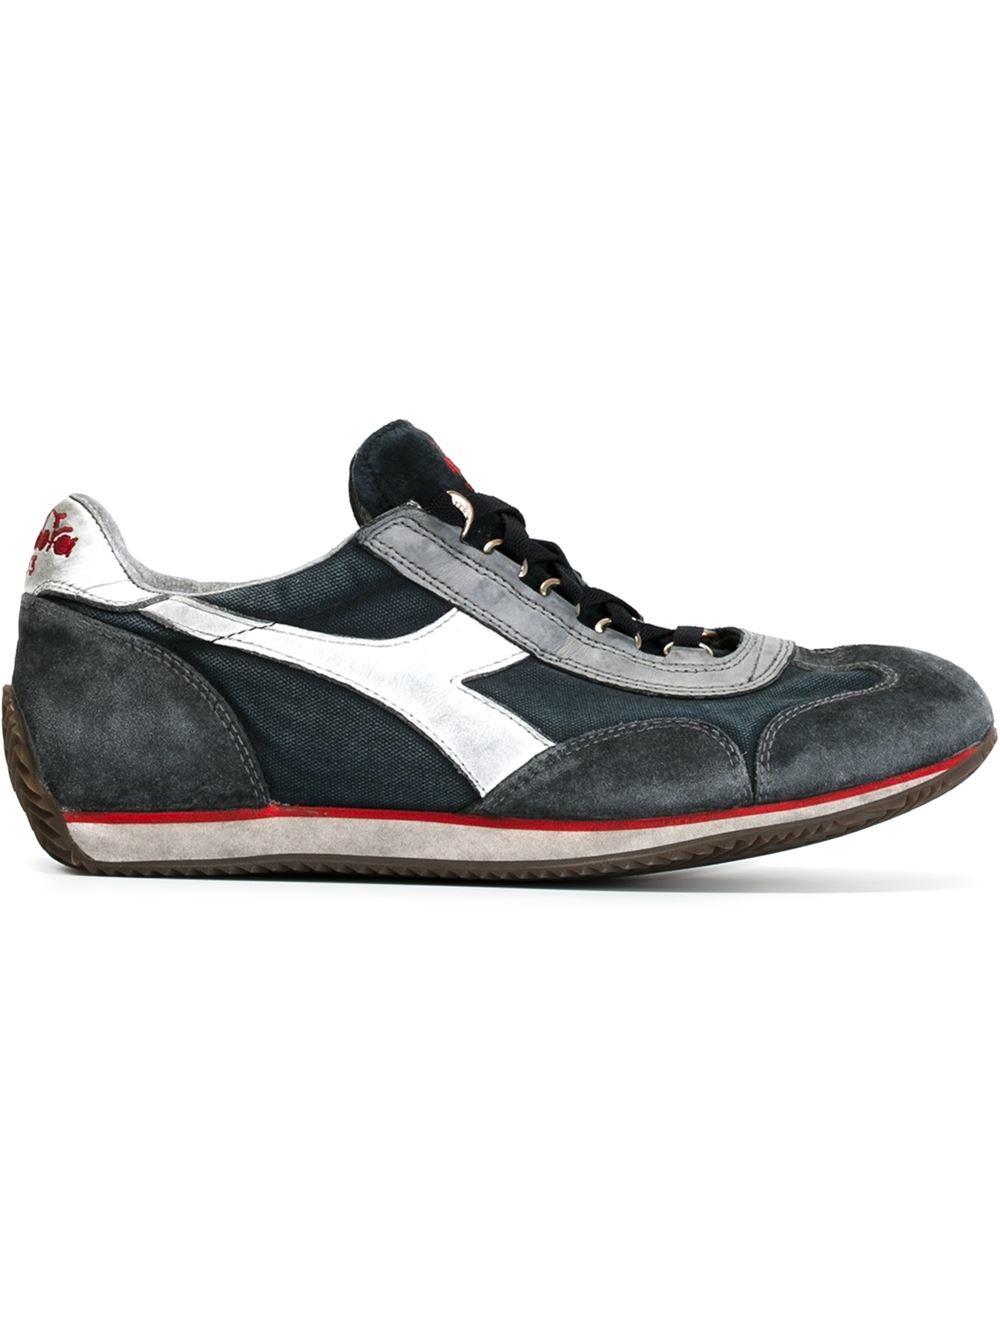 diadora sneakers - photo #21